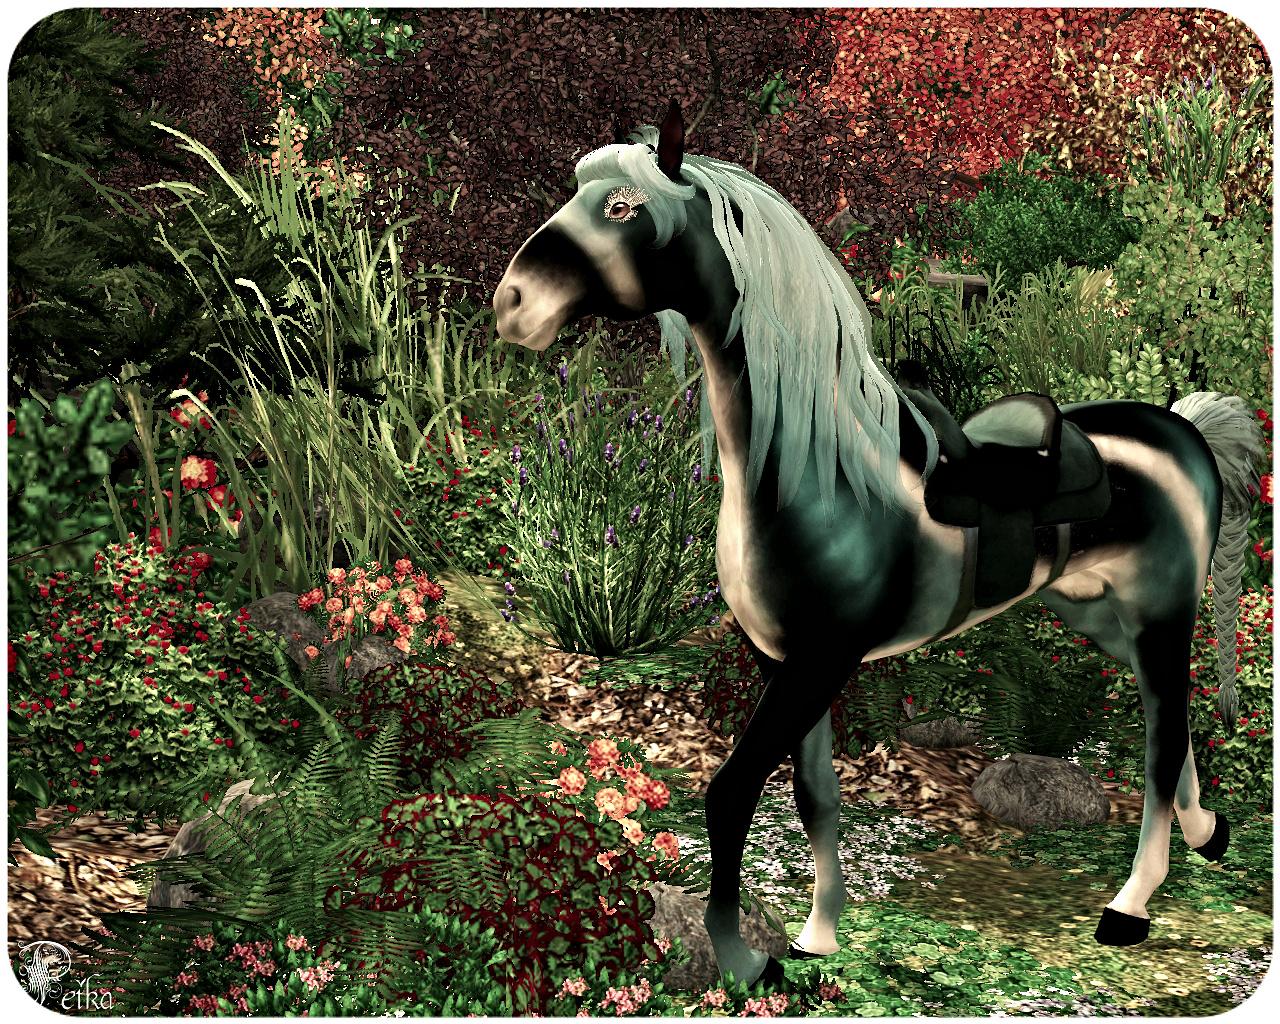 Equus Sims